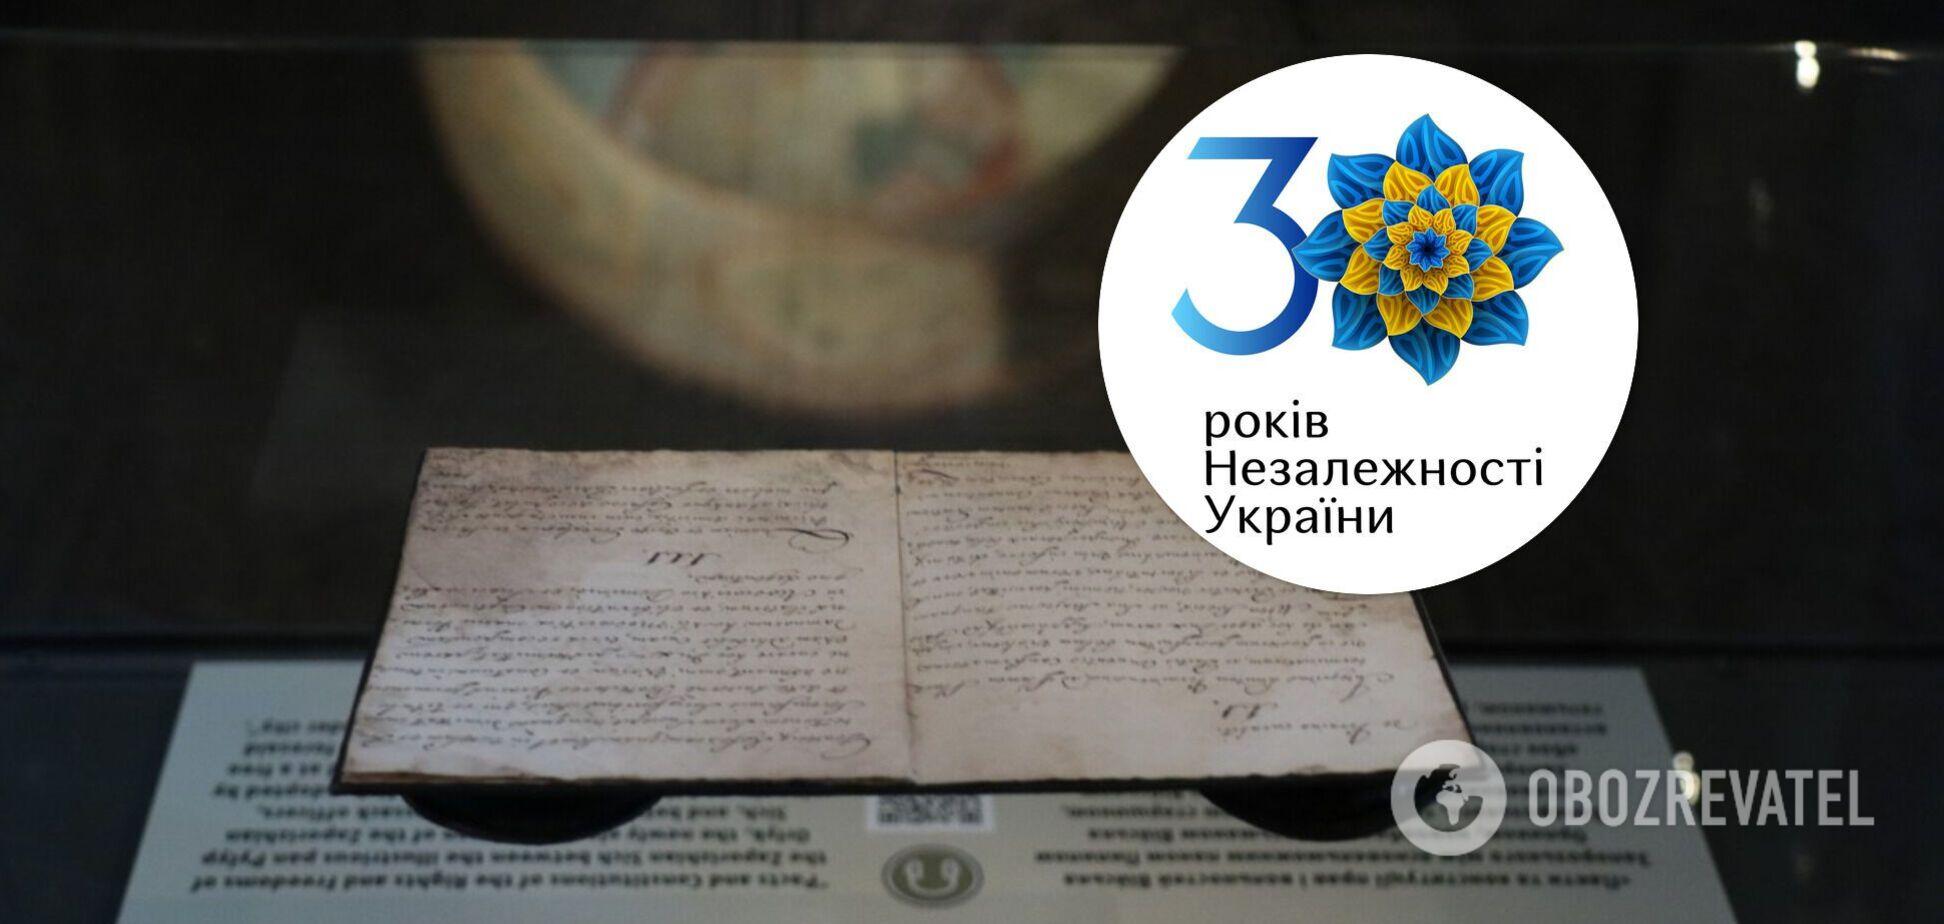 Конституцию Пилипа Орлика можно будет увидеть в Софии Киевской: появились подробности. Фото